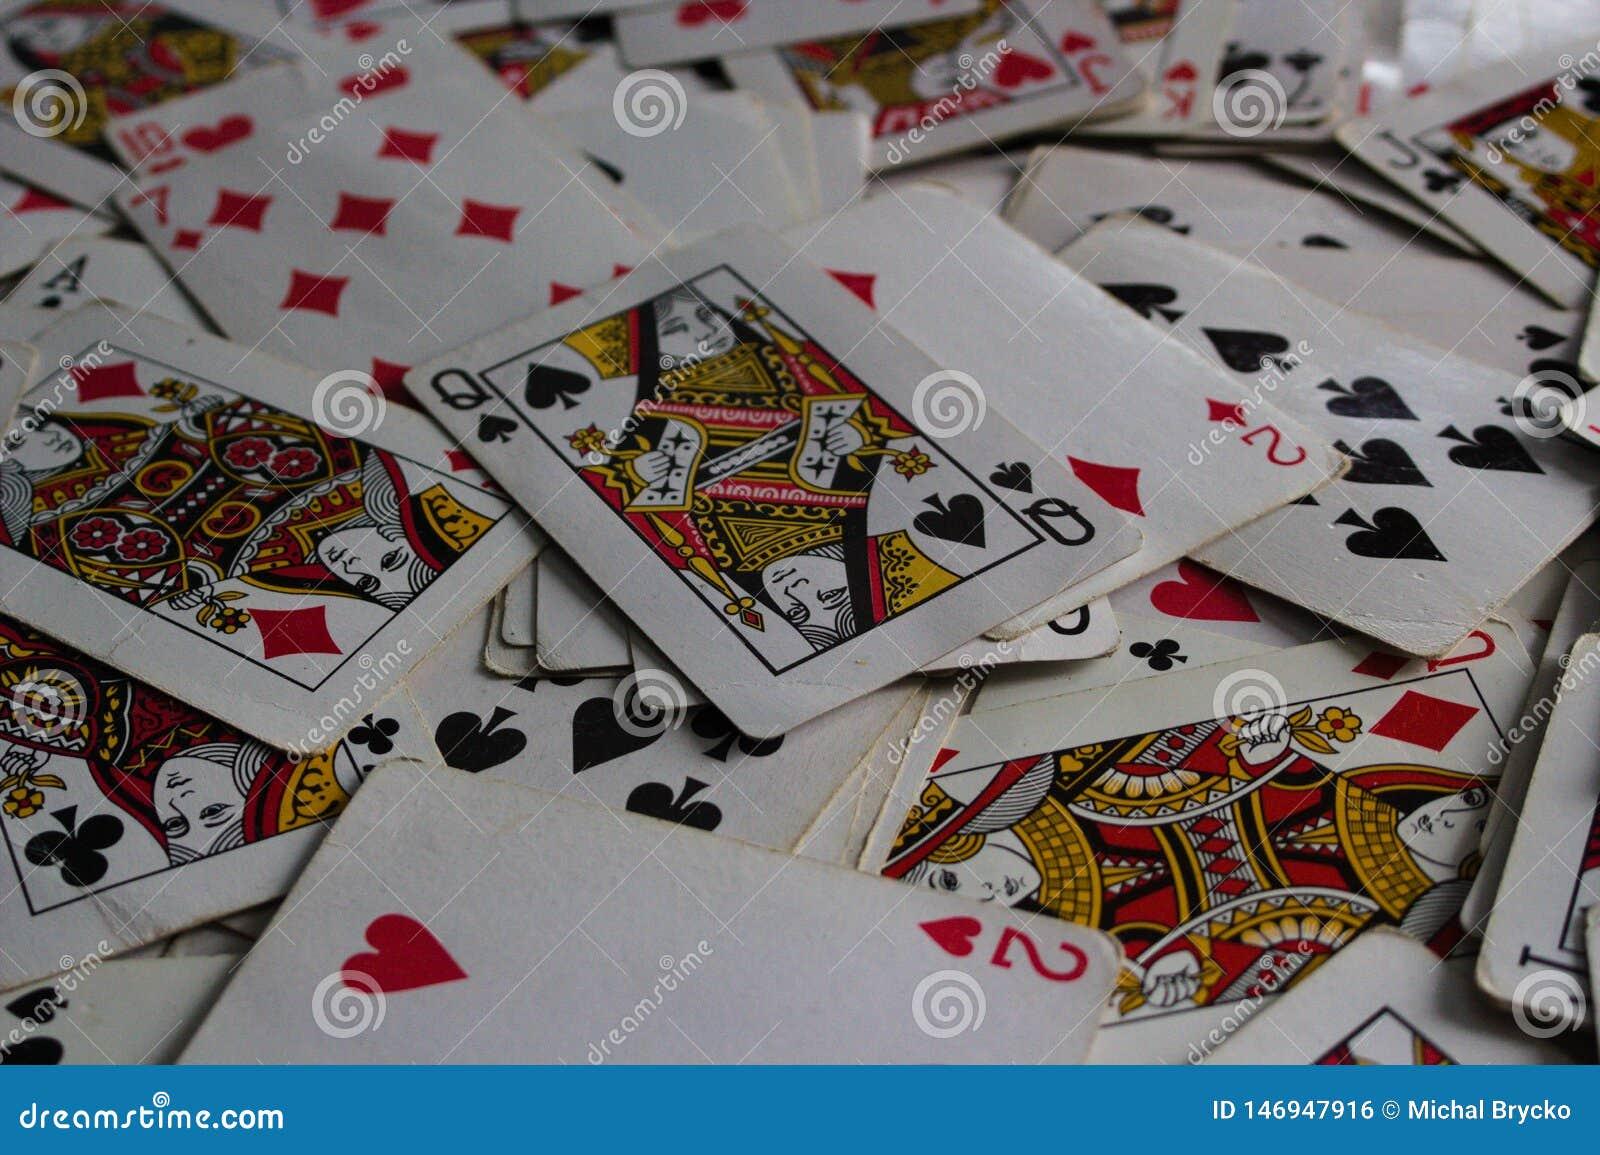 Liggande kort med det utvalda kortet överst som en jokerdam